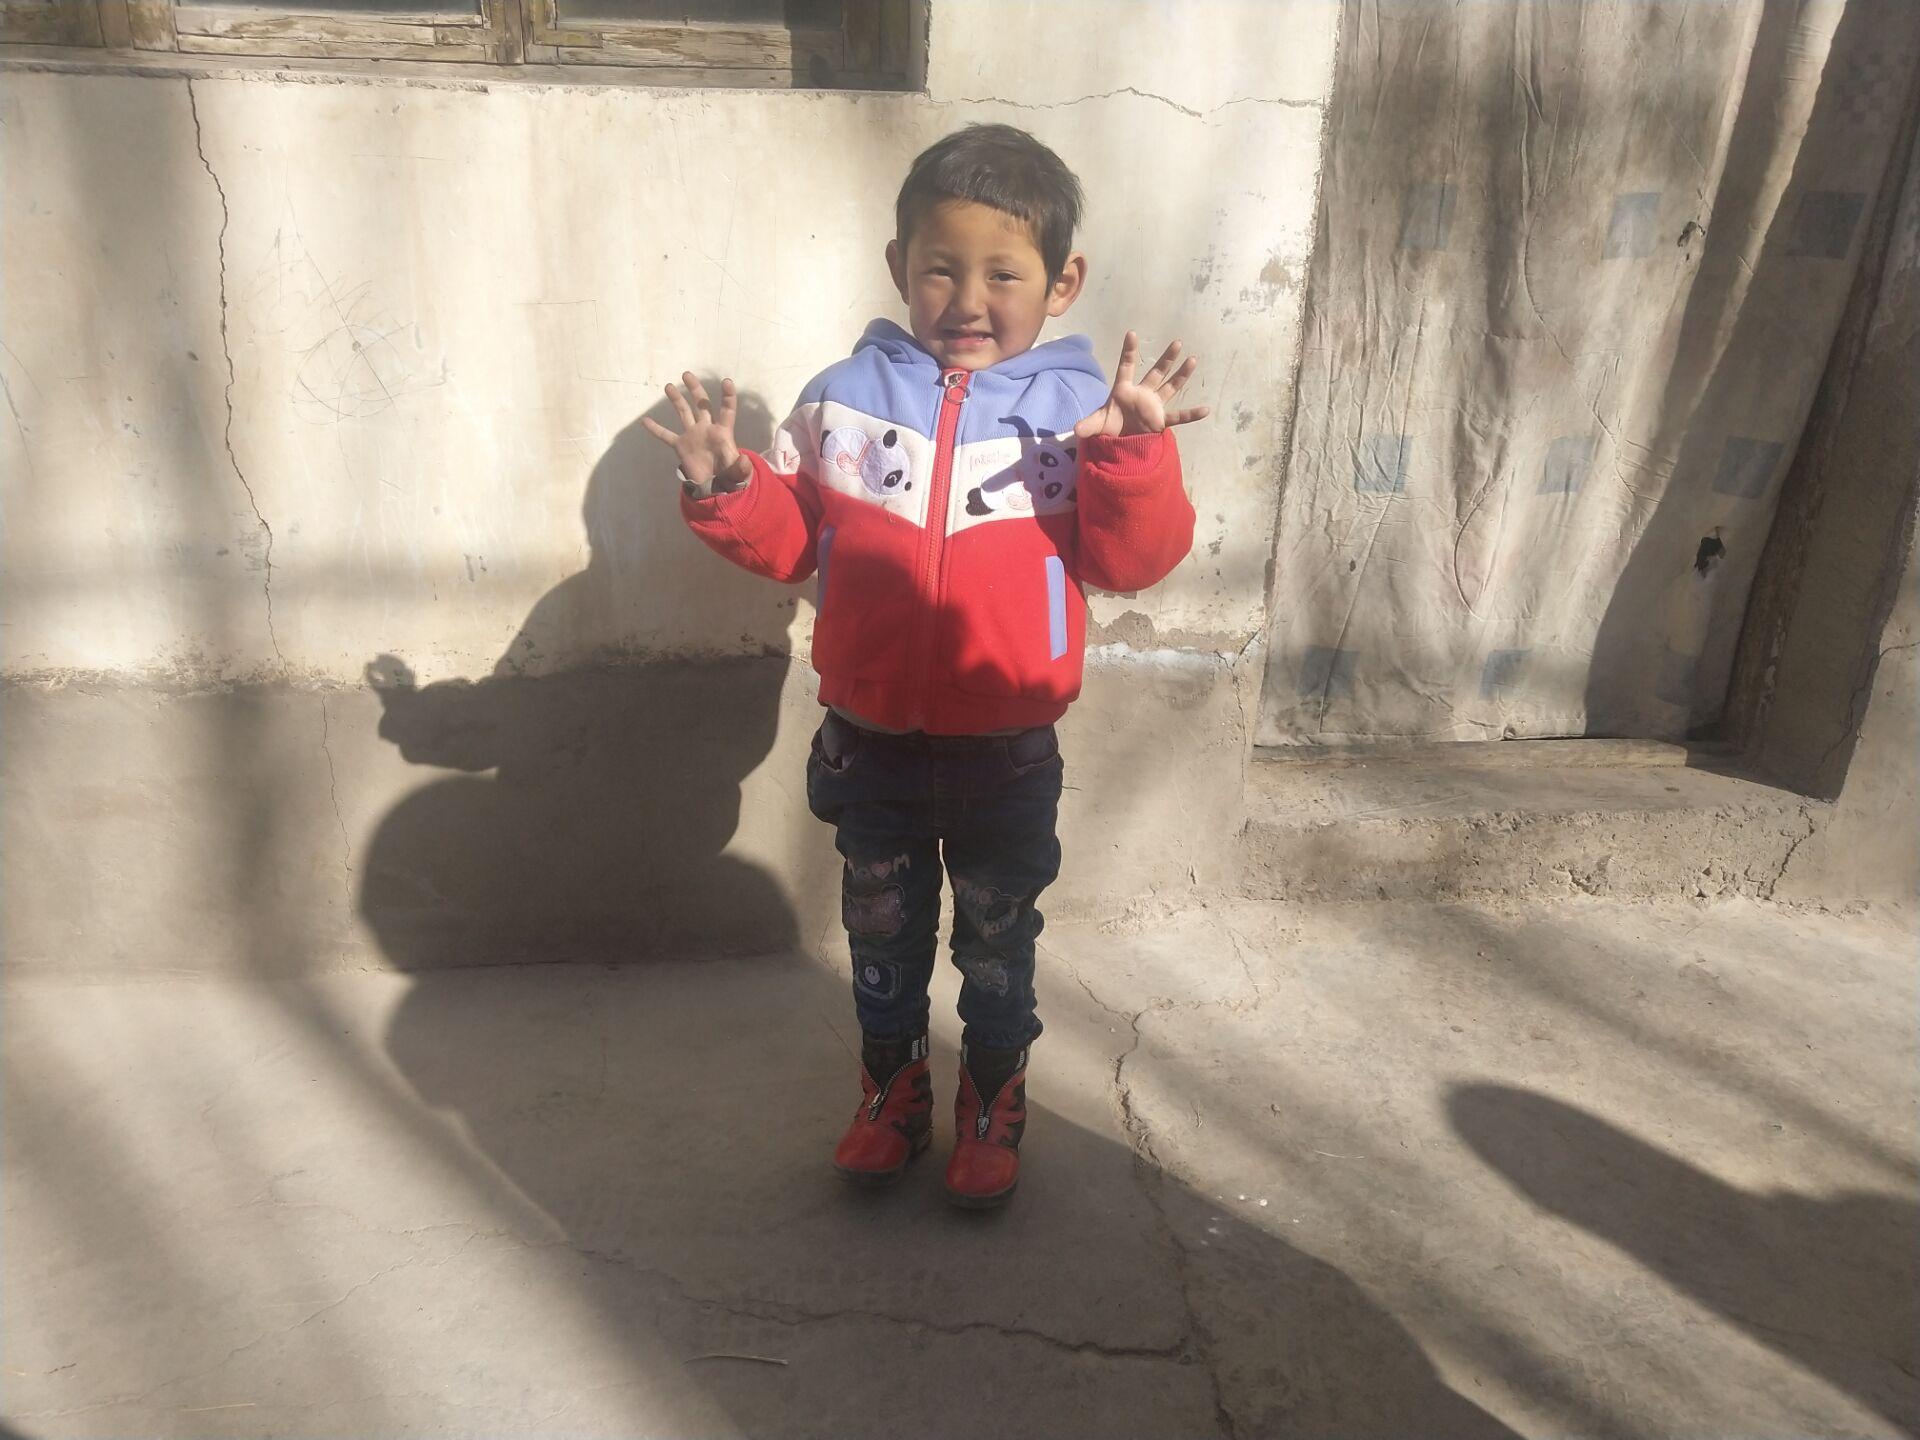 温情关怀暖人心  大病救助解民忧 ------爱心救助孤残儿童幸福微笑